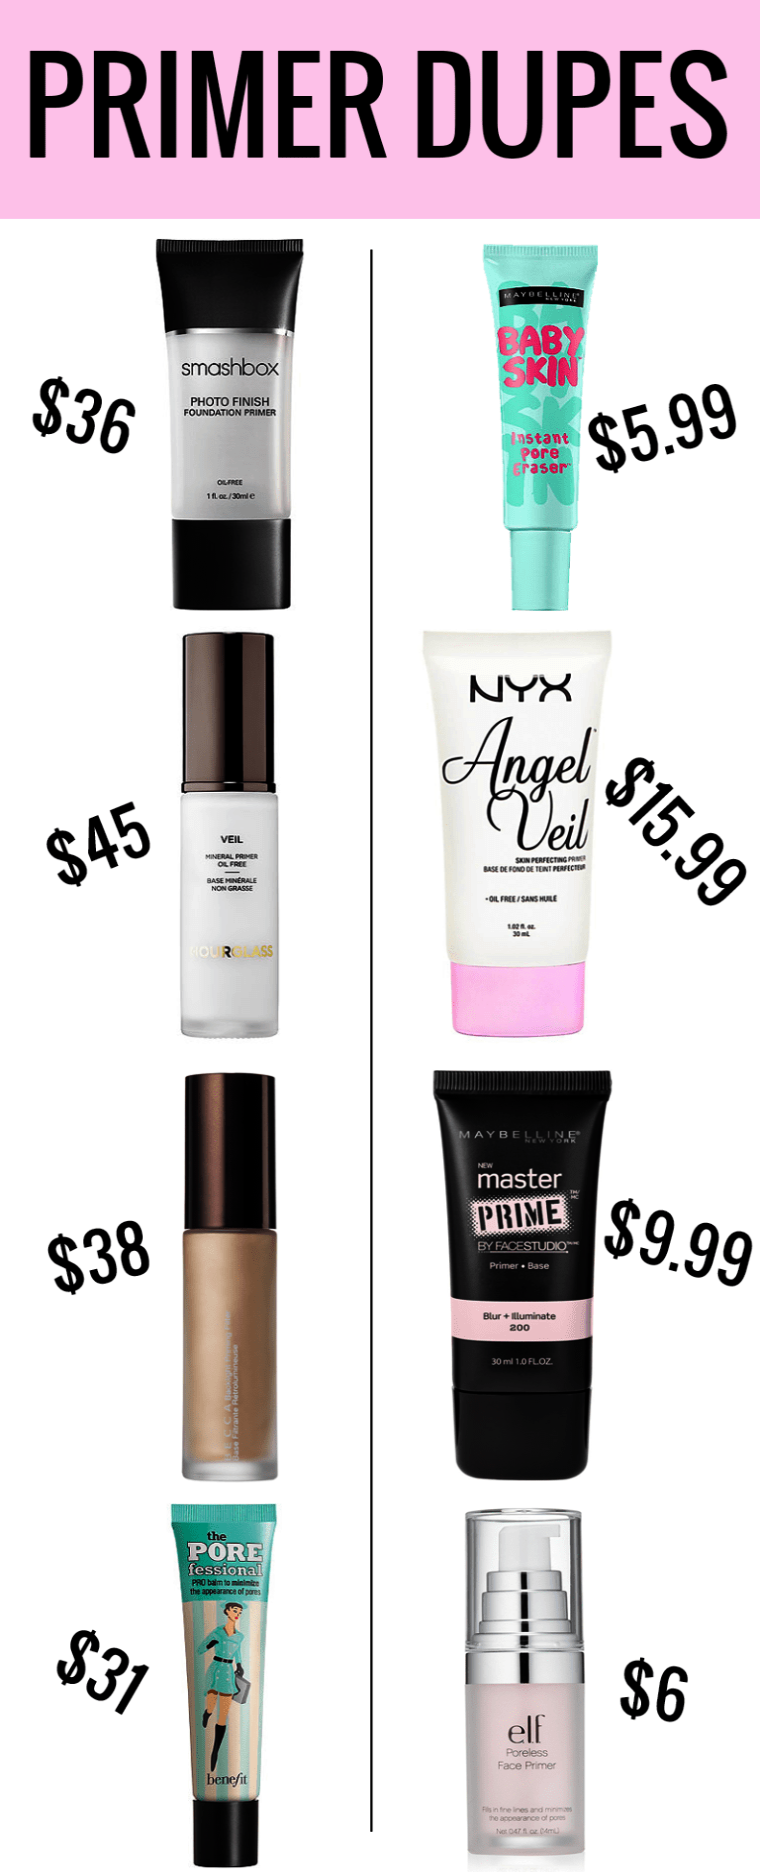 Makeup Eraser Dupe Uk Generic Makeup Tutorial Makeup Primer Dupes Makeup Primer Drugstore Makeup Dupes